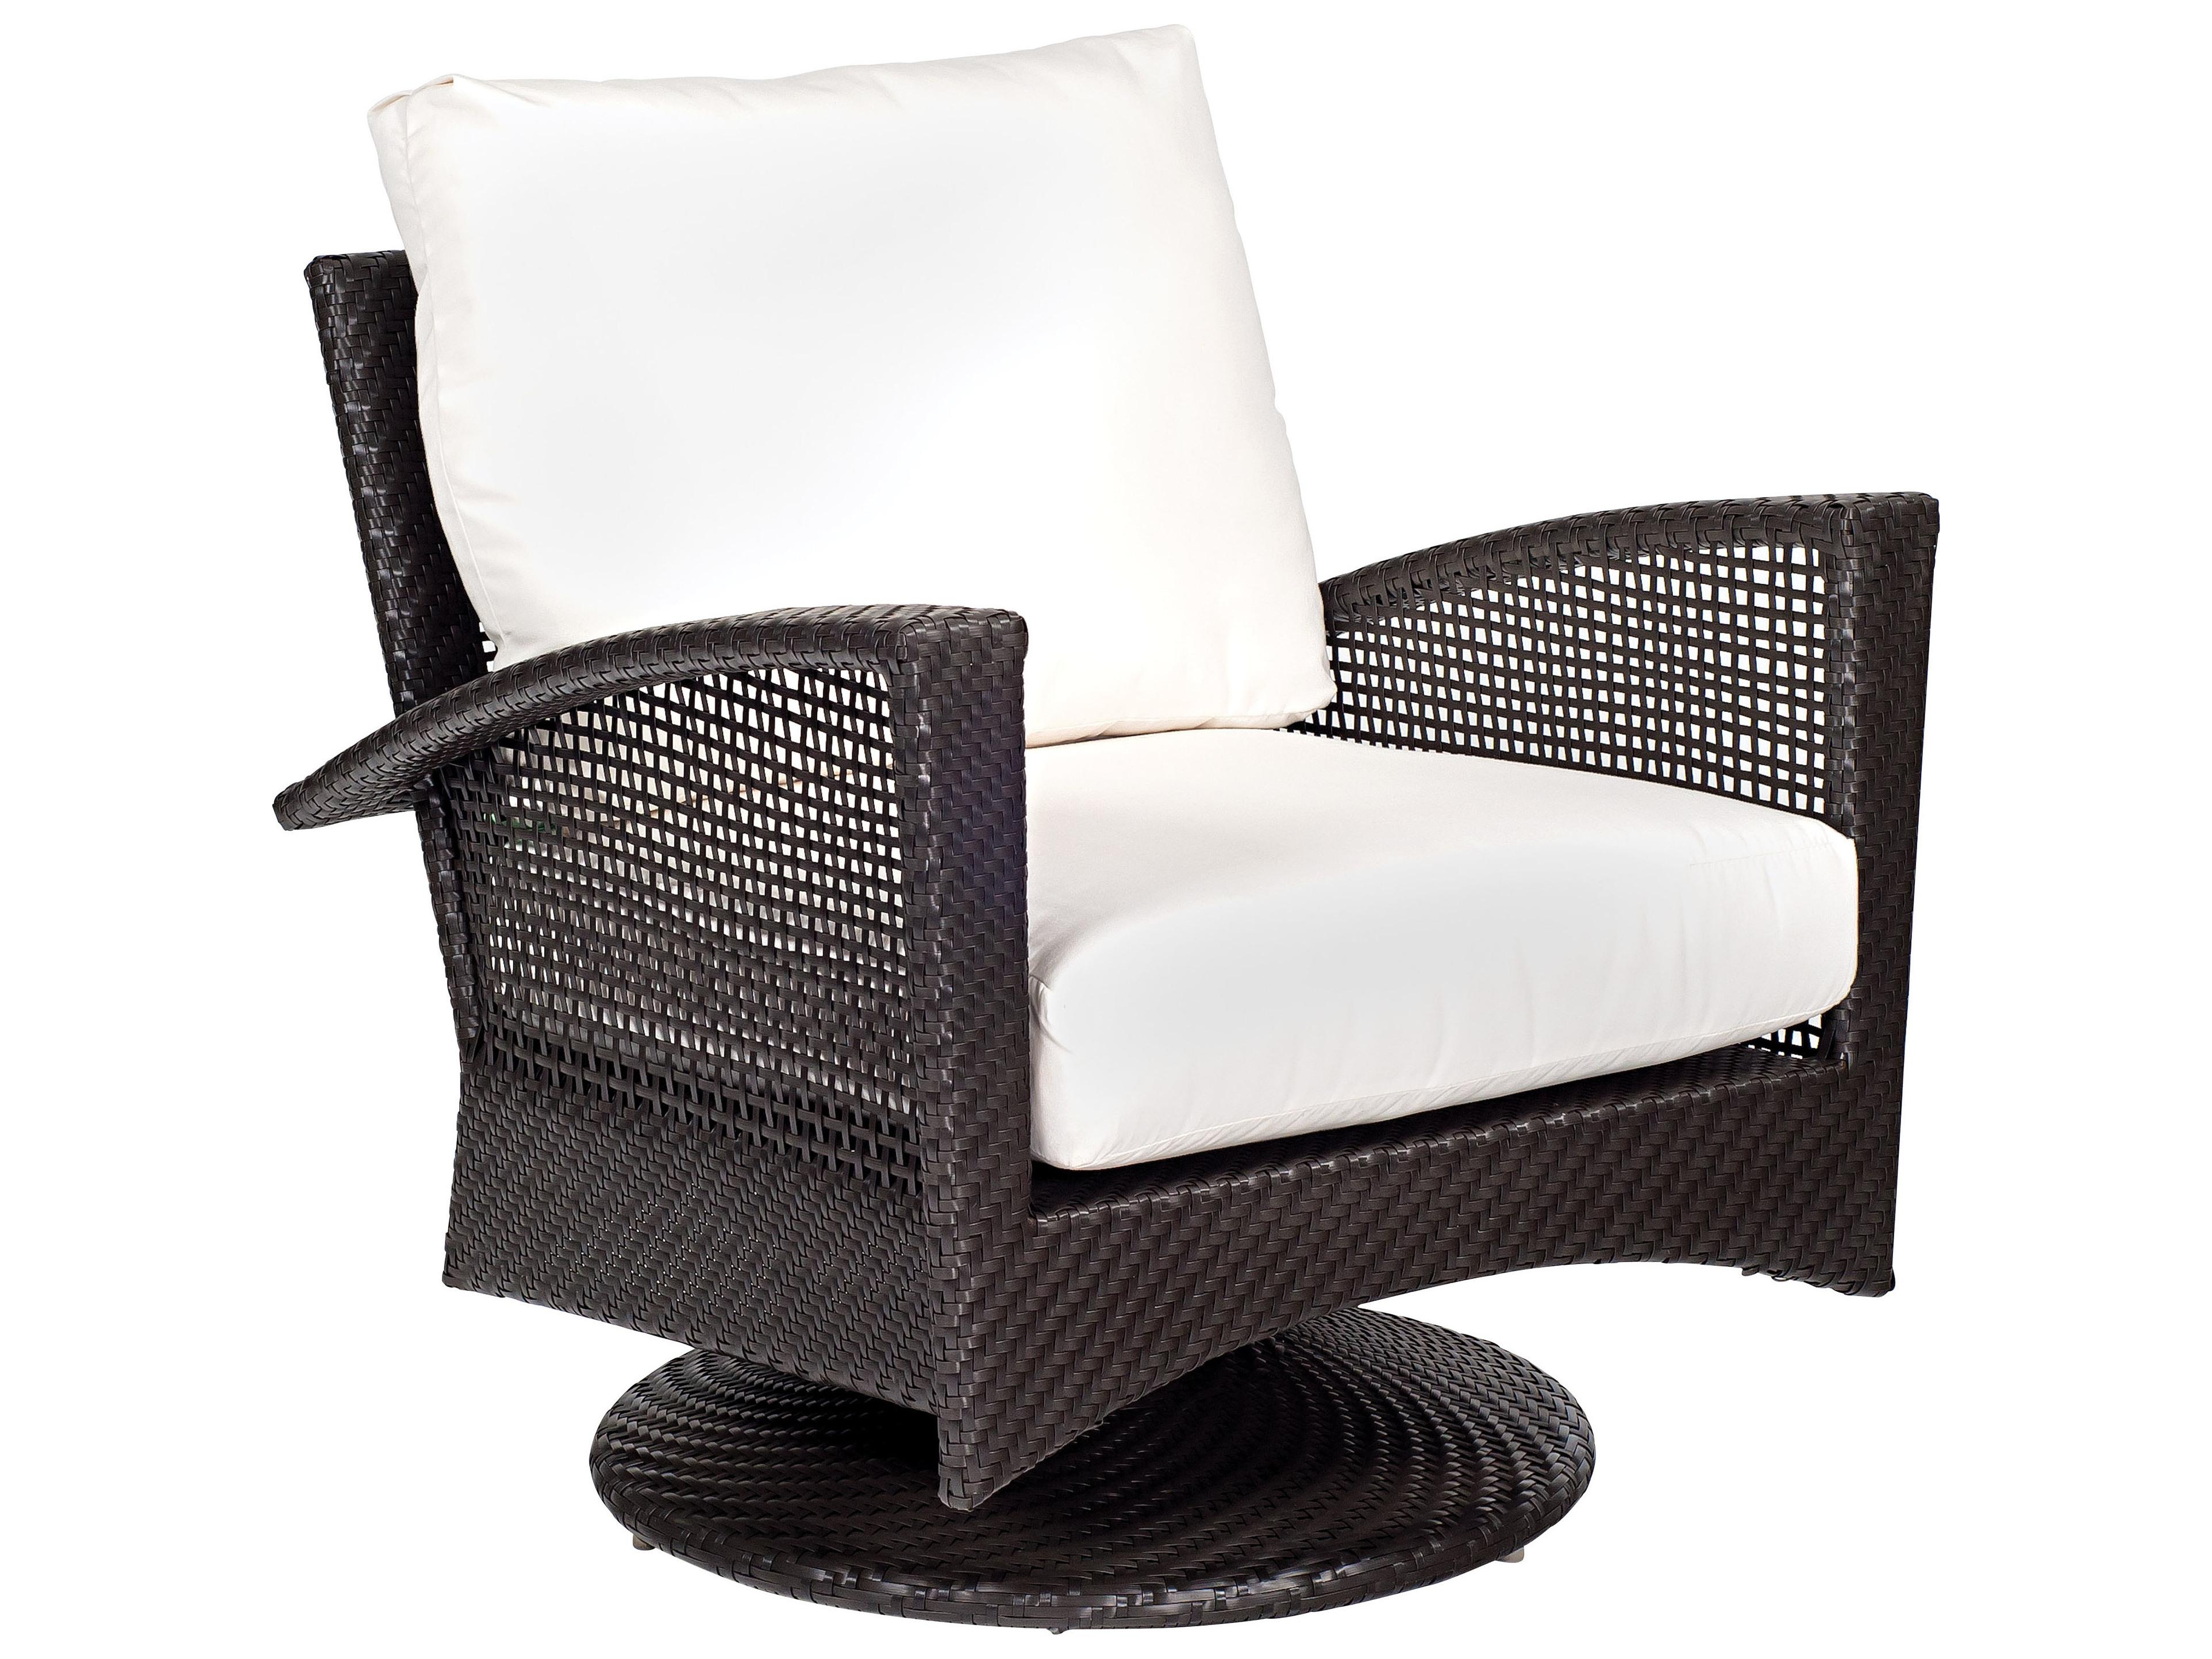 Woodard Trinidad Wicker Swivel Lounge Chair 6u0077j